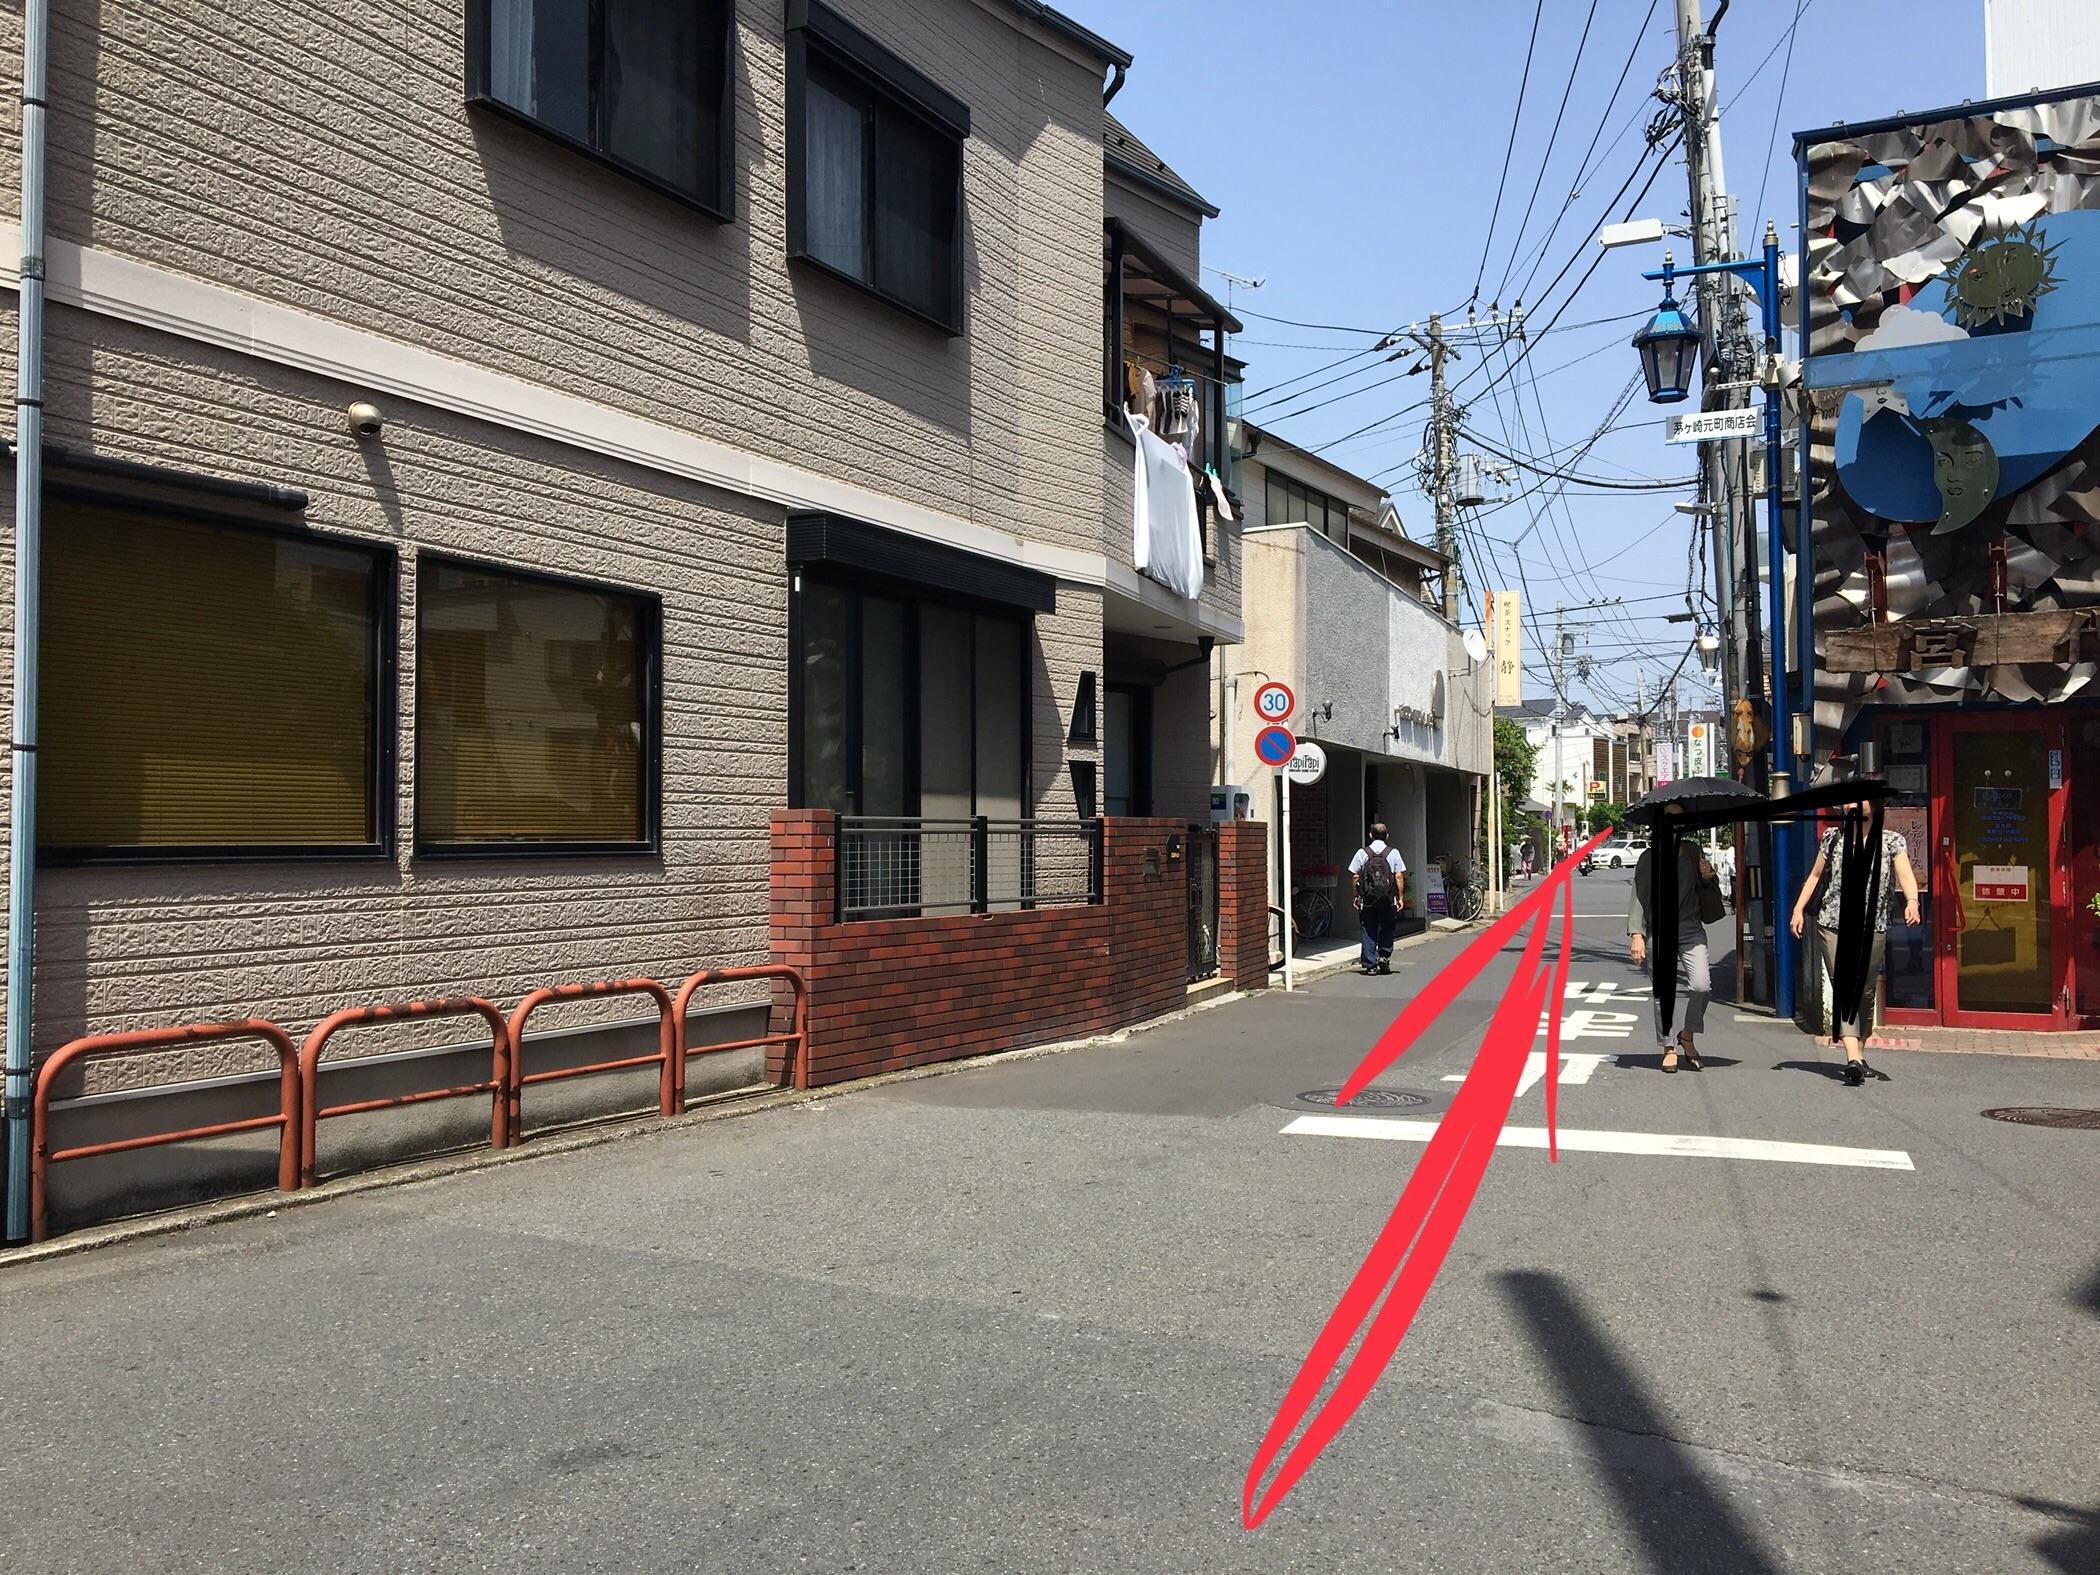 f:id:kaminashiko:20180716151448j:plain